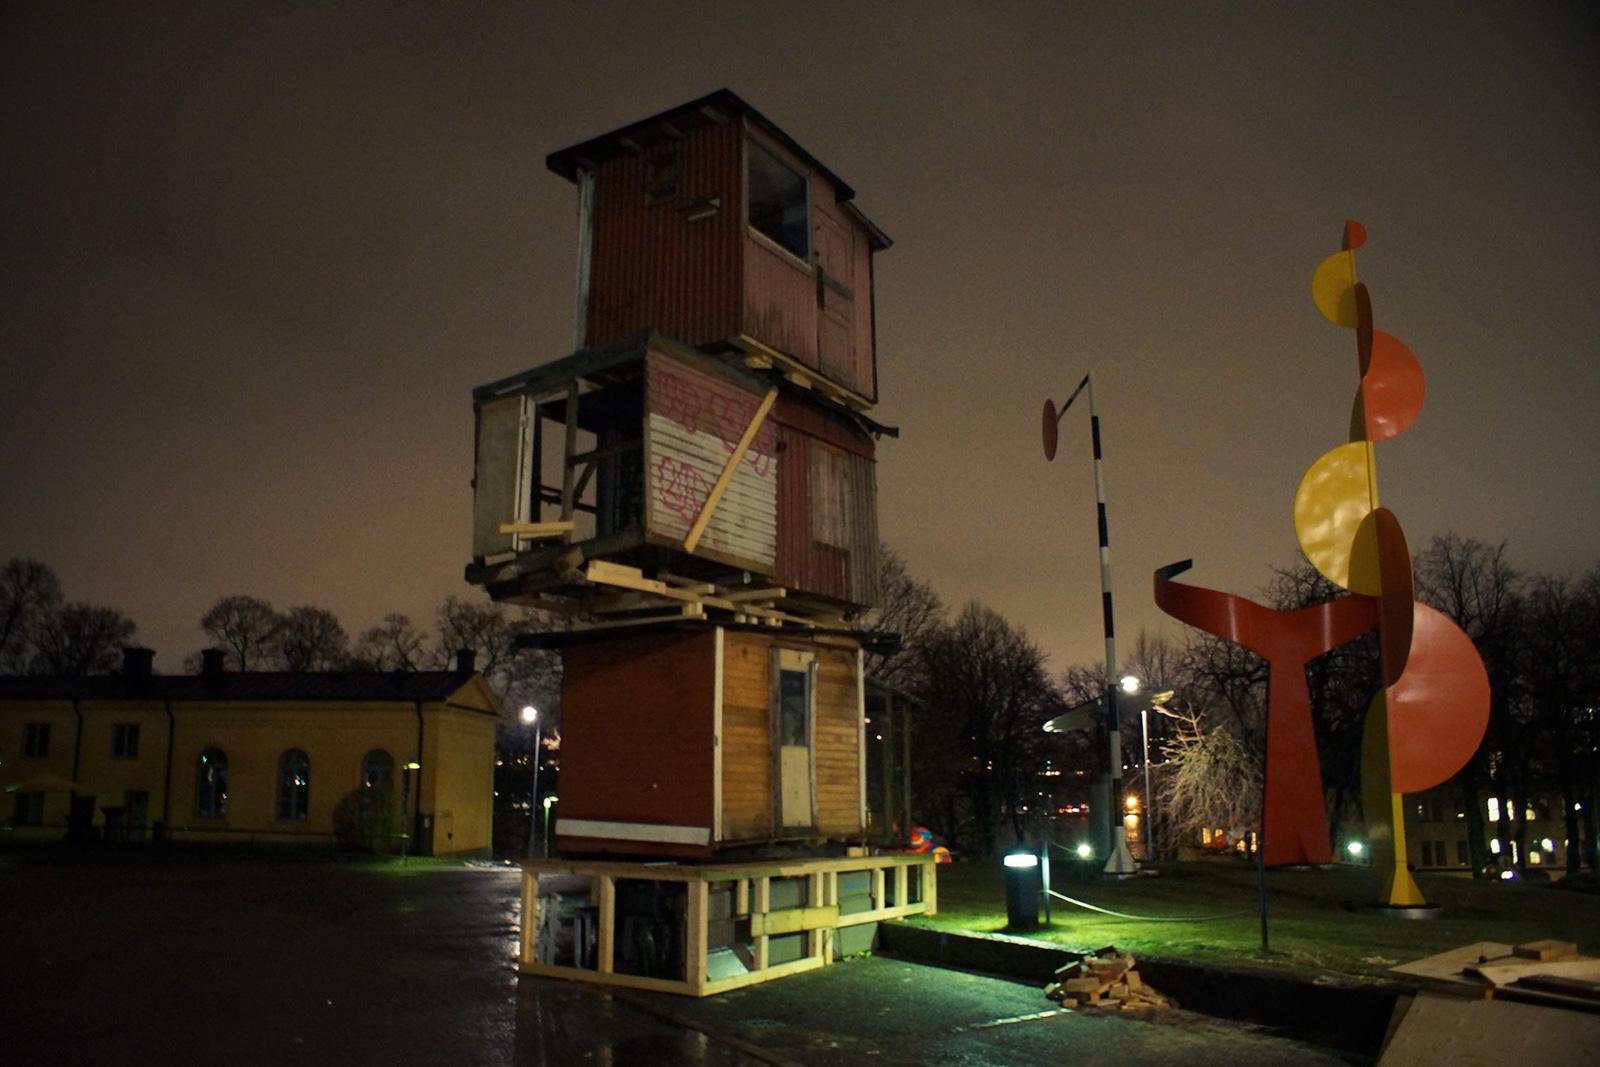 Tre slitna duvslag byggda av träplank, staplade ovanpå varandra utanför Moderna Museet i Stockholm. Simon Starling, Loft lift (stacked)